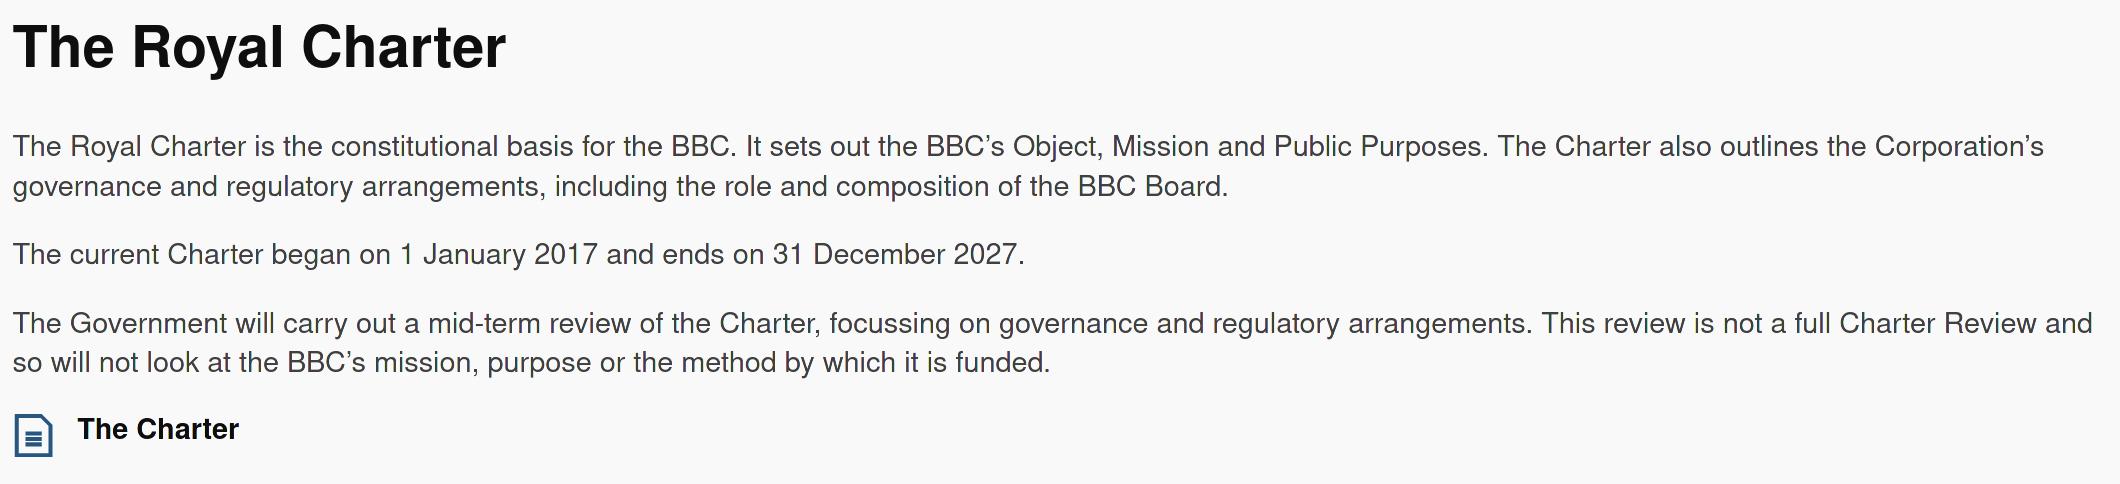 BBC information, part 2